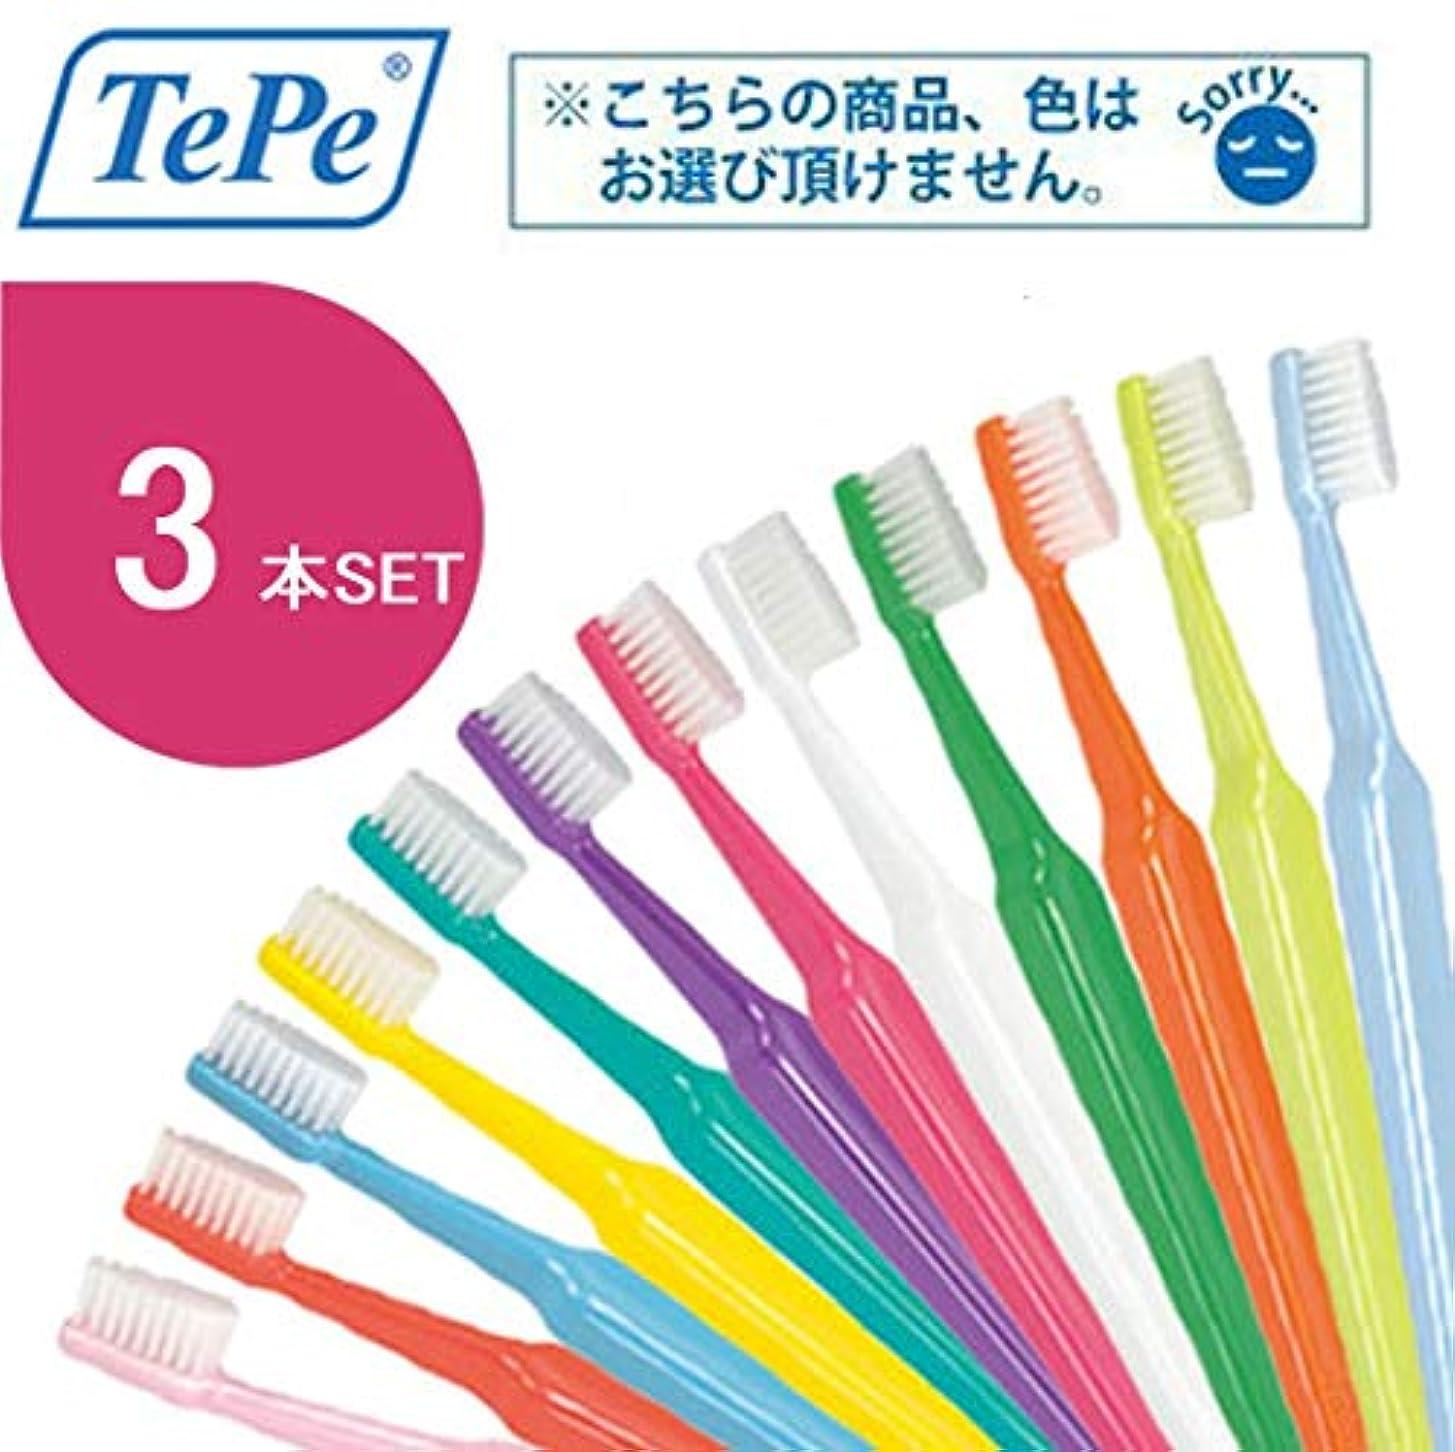 虚偽現在バーチャルクロスフィールド TePe テペ セレクト 歯ブラシ 3本 (ソフト)